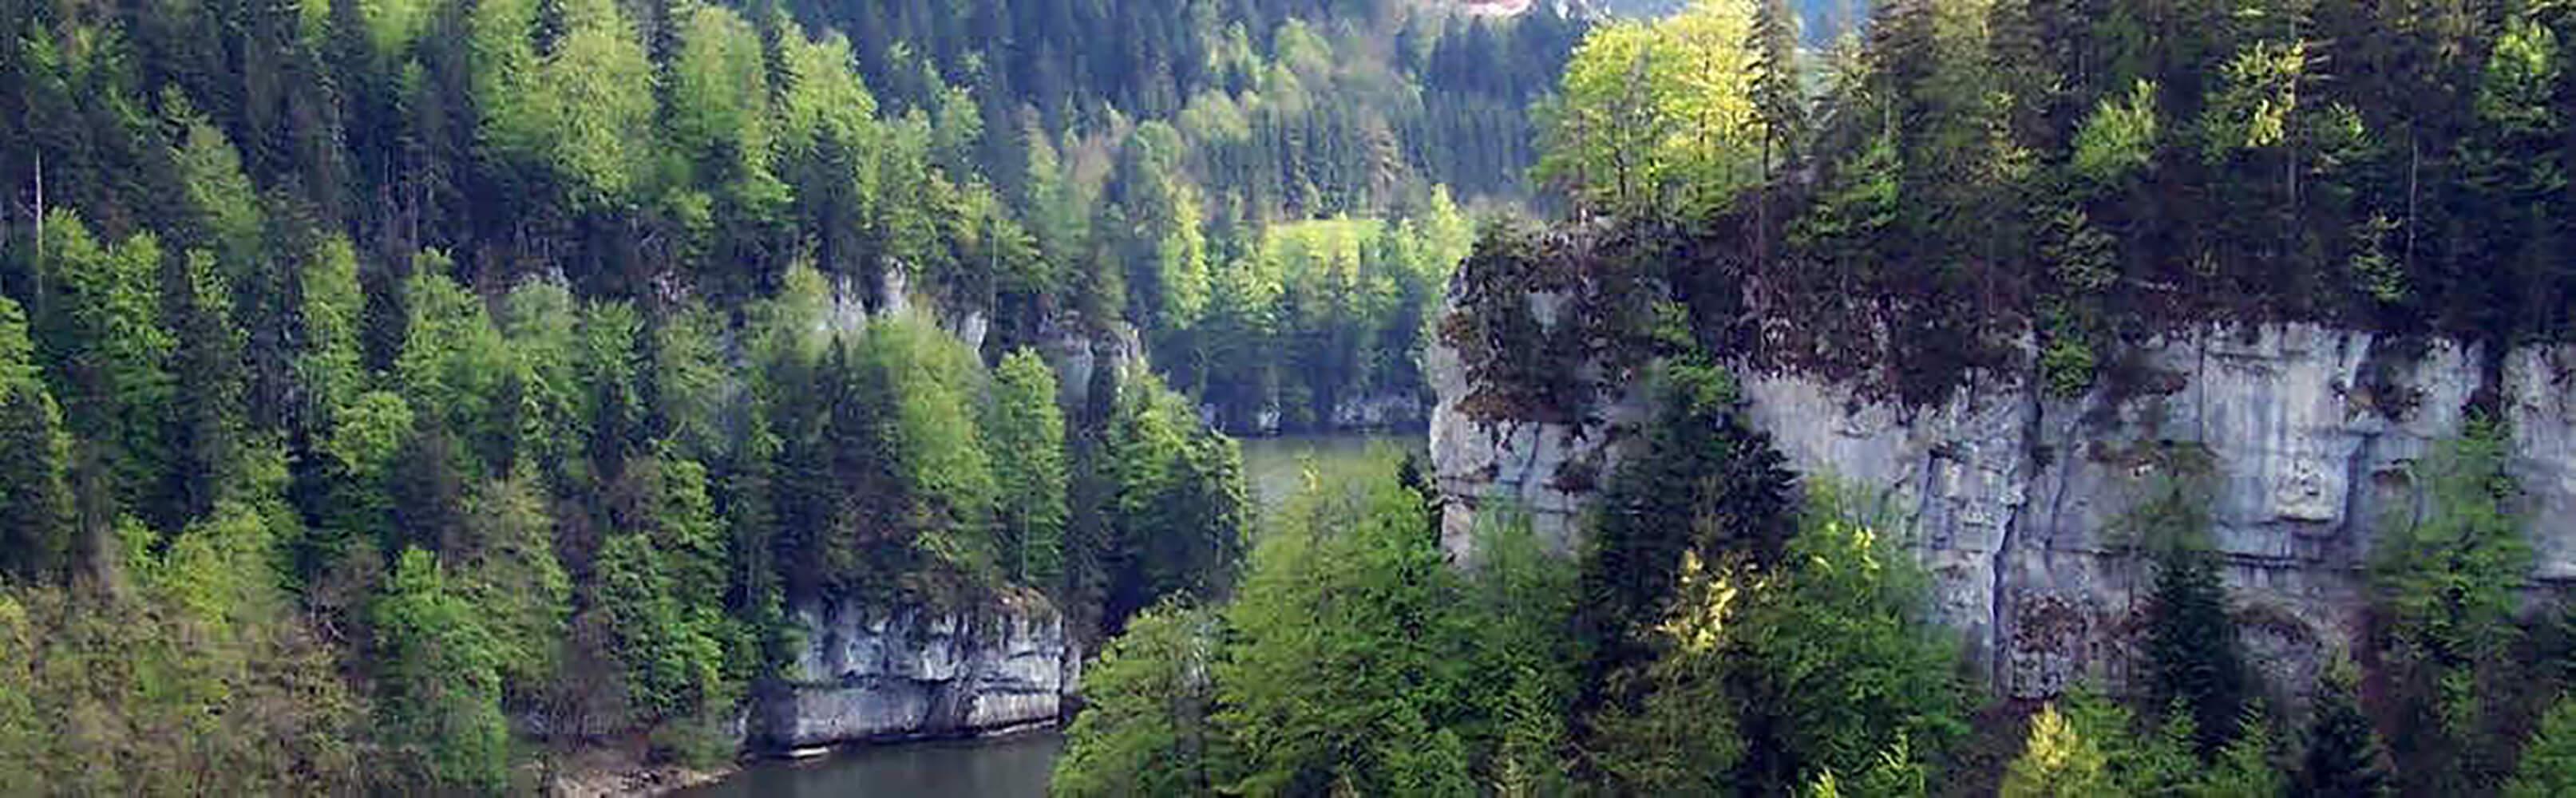 Saut du Doubs und Lac des Brenets 1